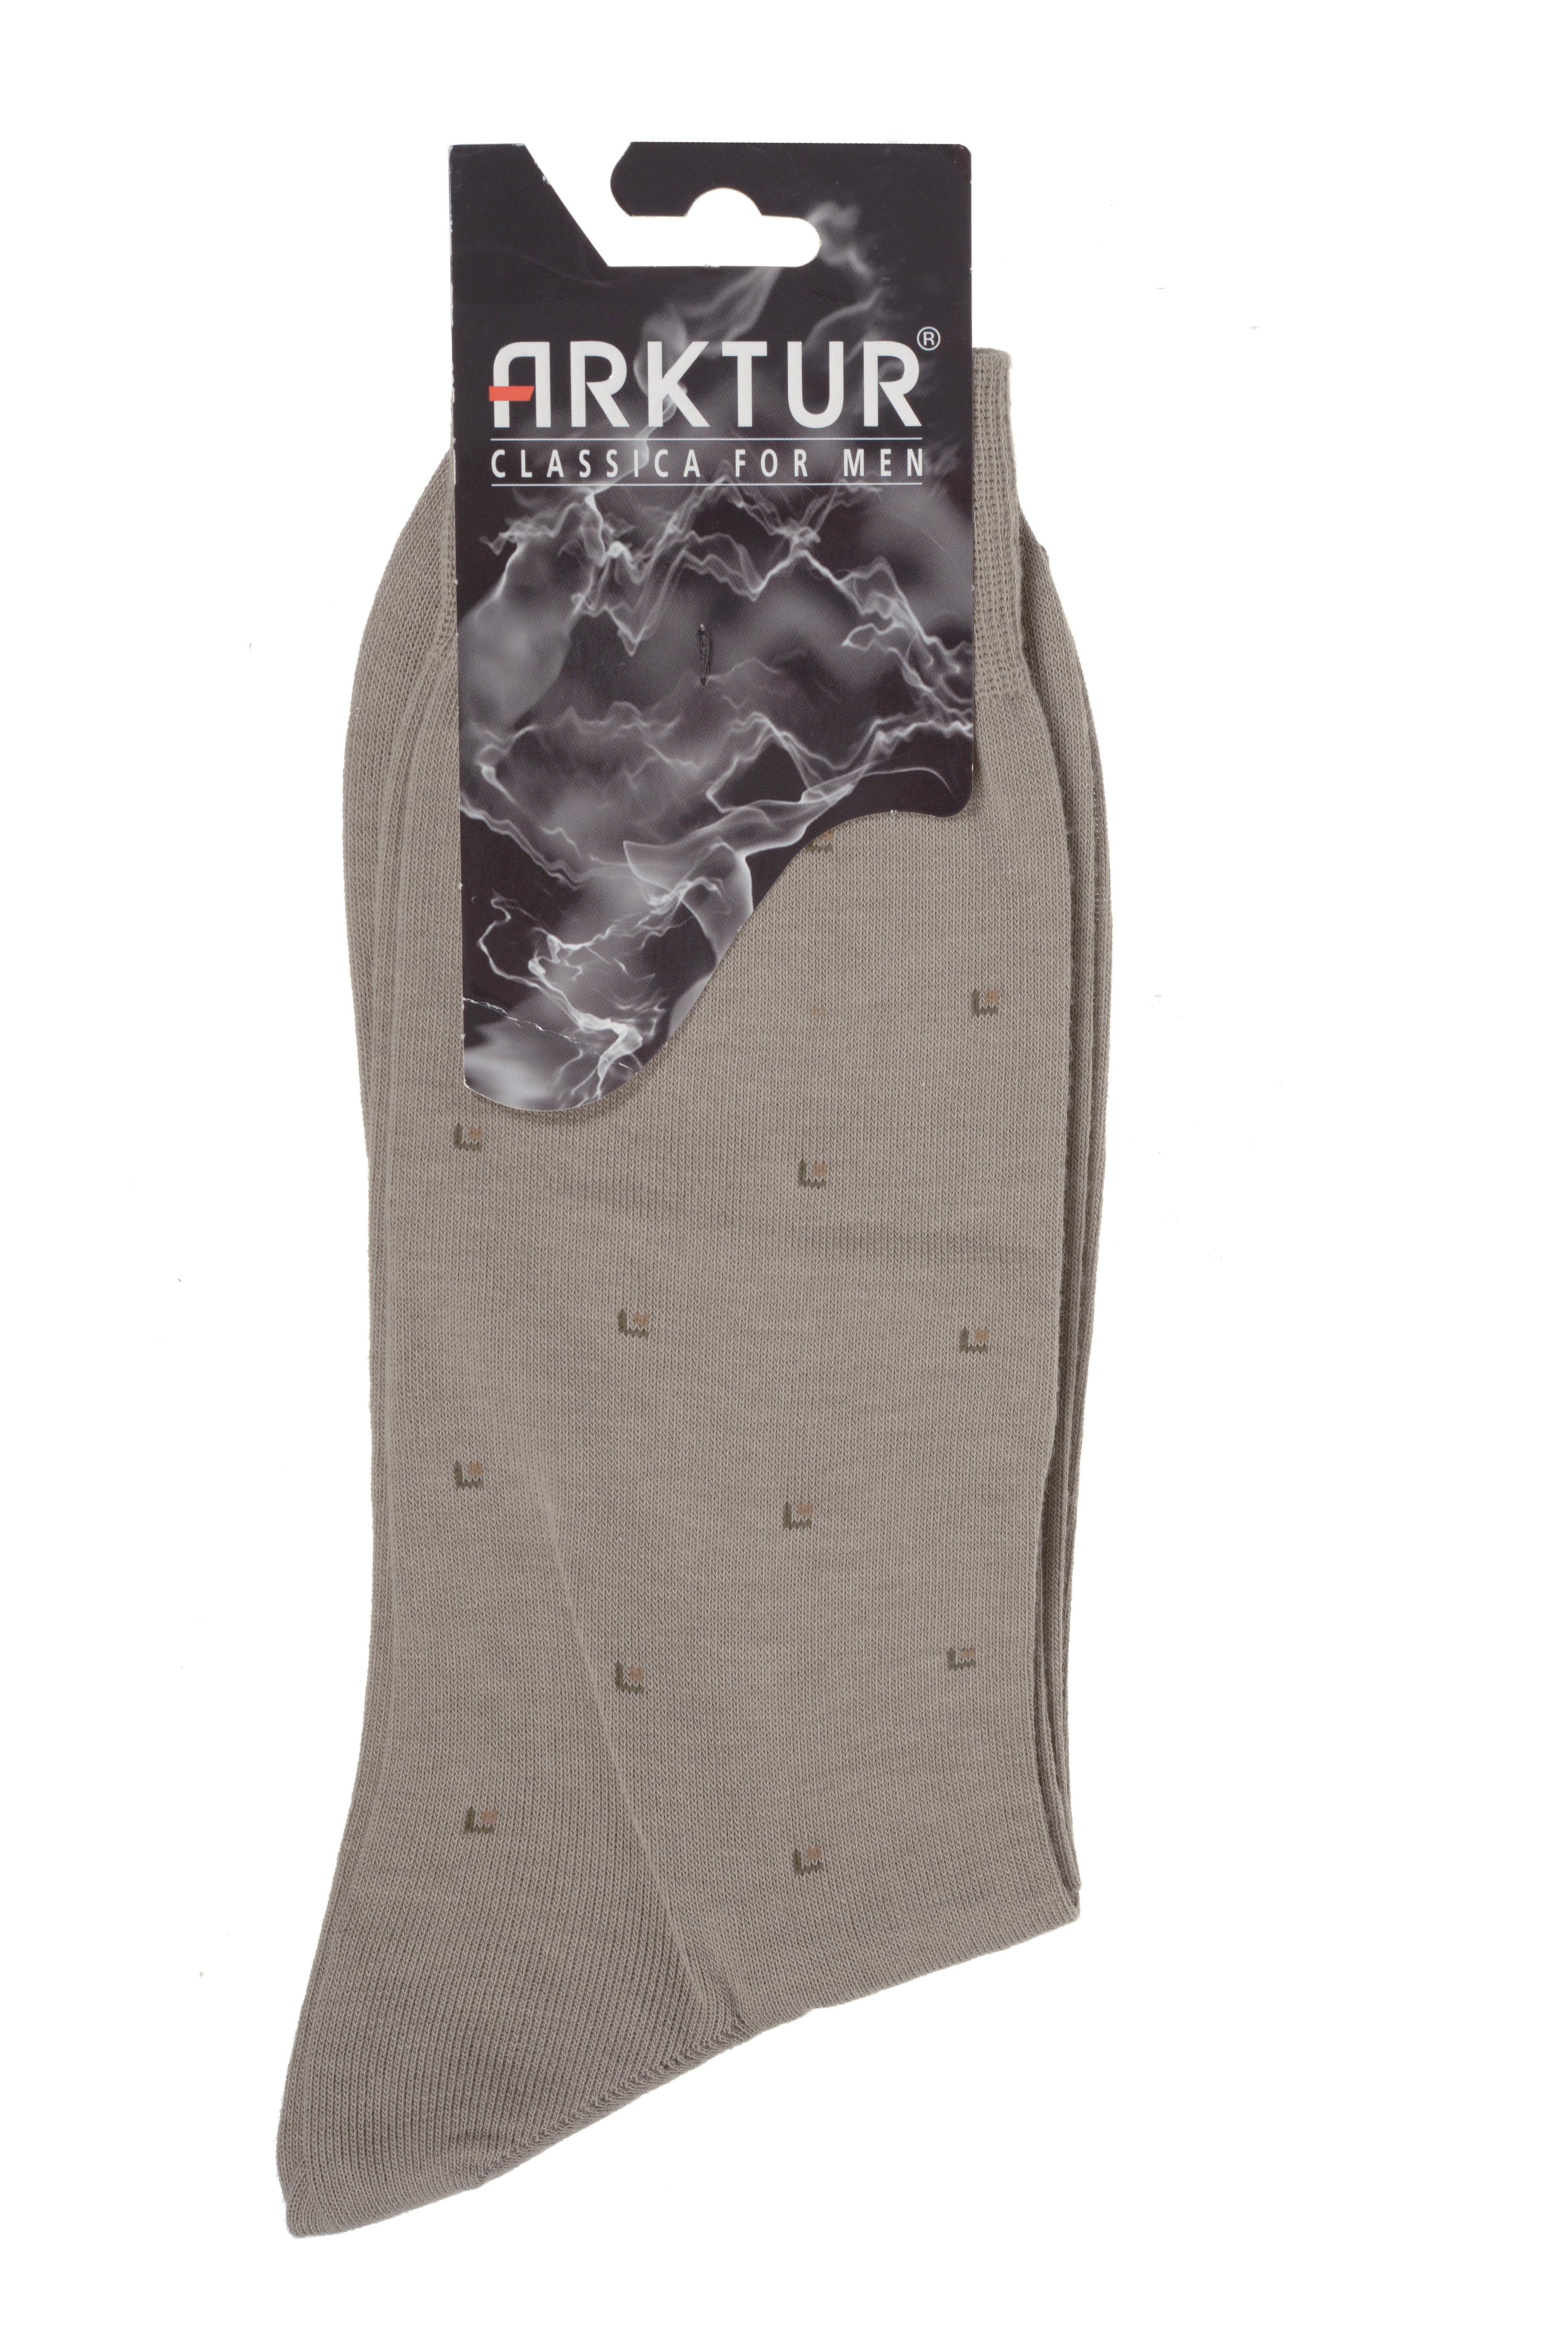 НоскиЛ 209Мужские носки Arktur изготовлены из хлопка с добавлением полиамида. Материал тактильно приятный, хорошо пропускает воздух. Носки дополнены комфортной эластичной резинкой. Изделие оформлено мелким абстрактным принтом. Удобные и прочные носки станут отличным дополнением к вашему гардеробу.